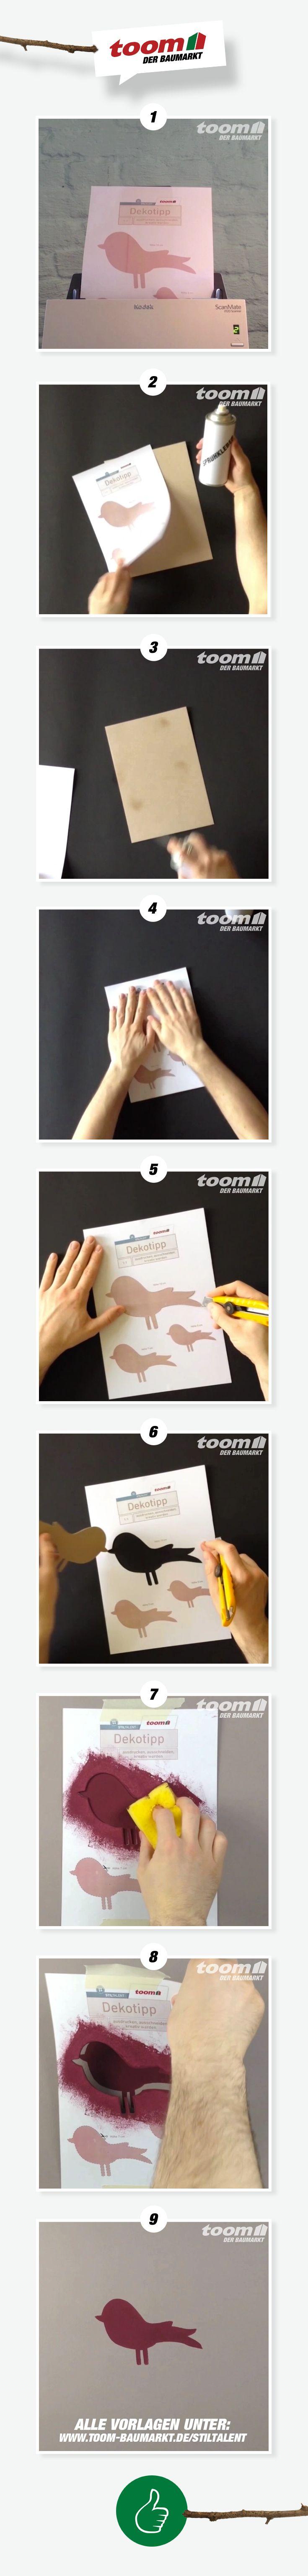 23 best Case toom Baumarkt images on Pinterest | Packaging, Live ...